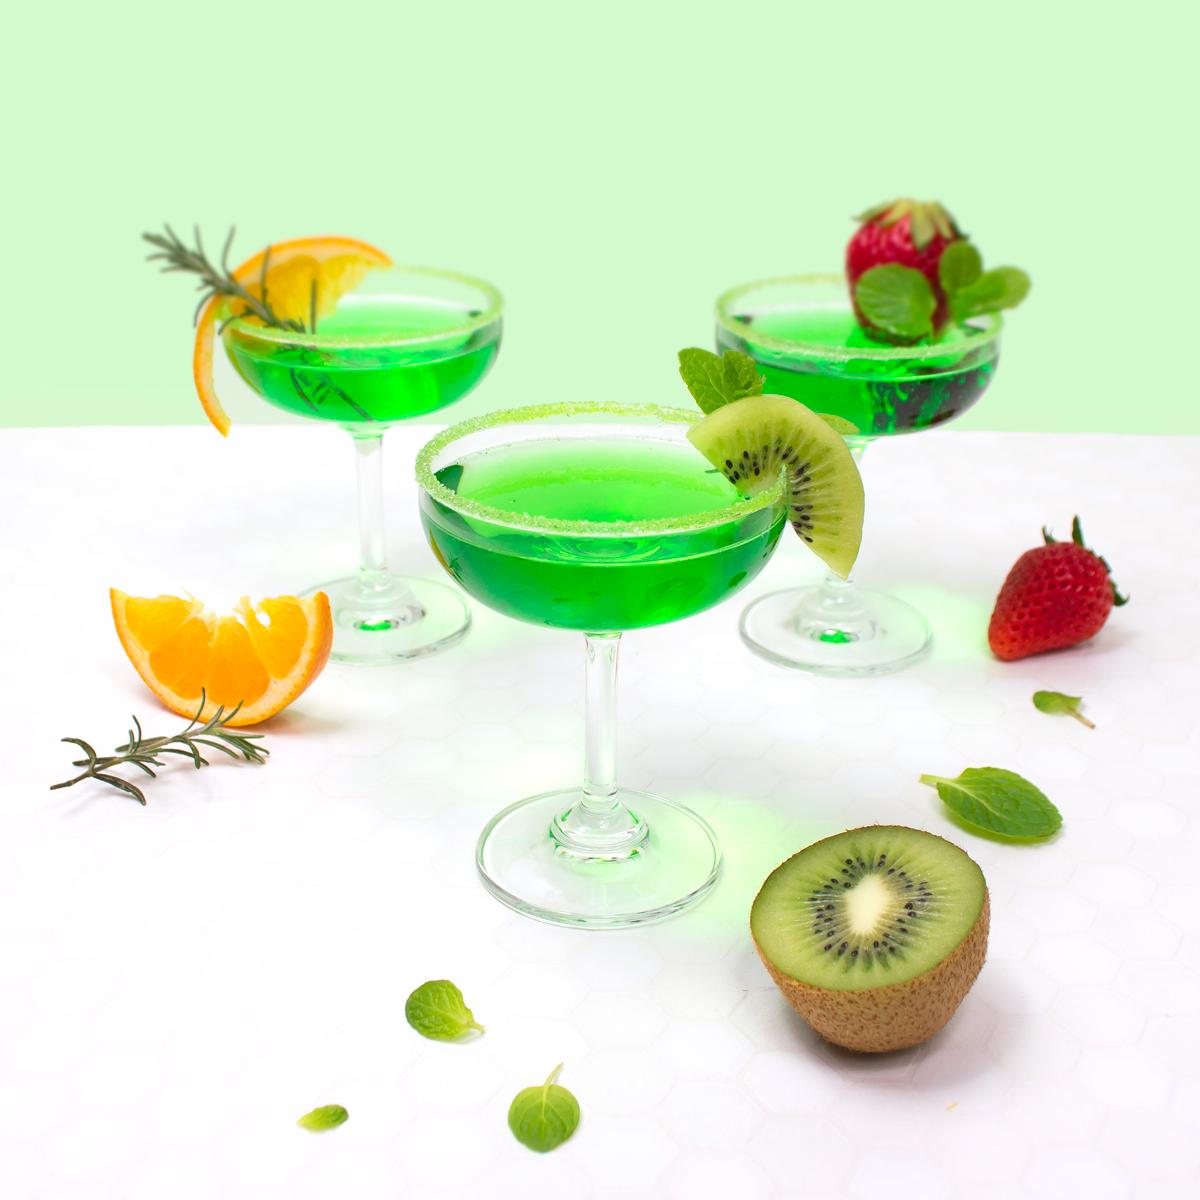 <center>キャプテンメロンで作る!グリーンカクテル&懐かしメロンソーダ・セントパトリックスデーにも! <br><small>Green Melon Cocktail & Soda</small></center>